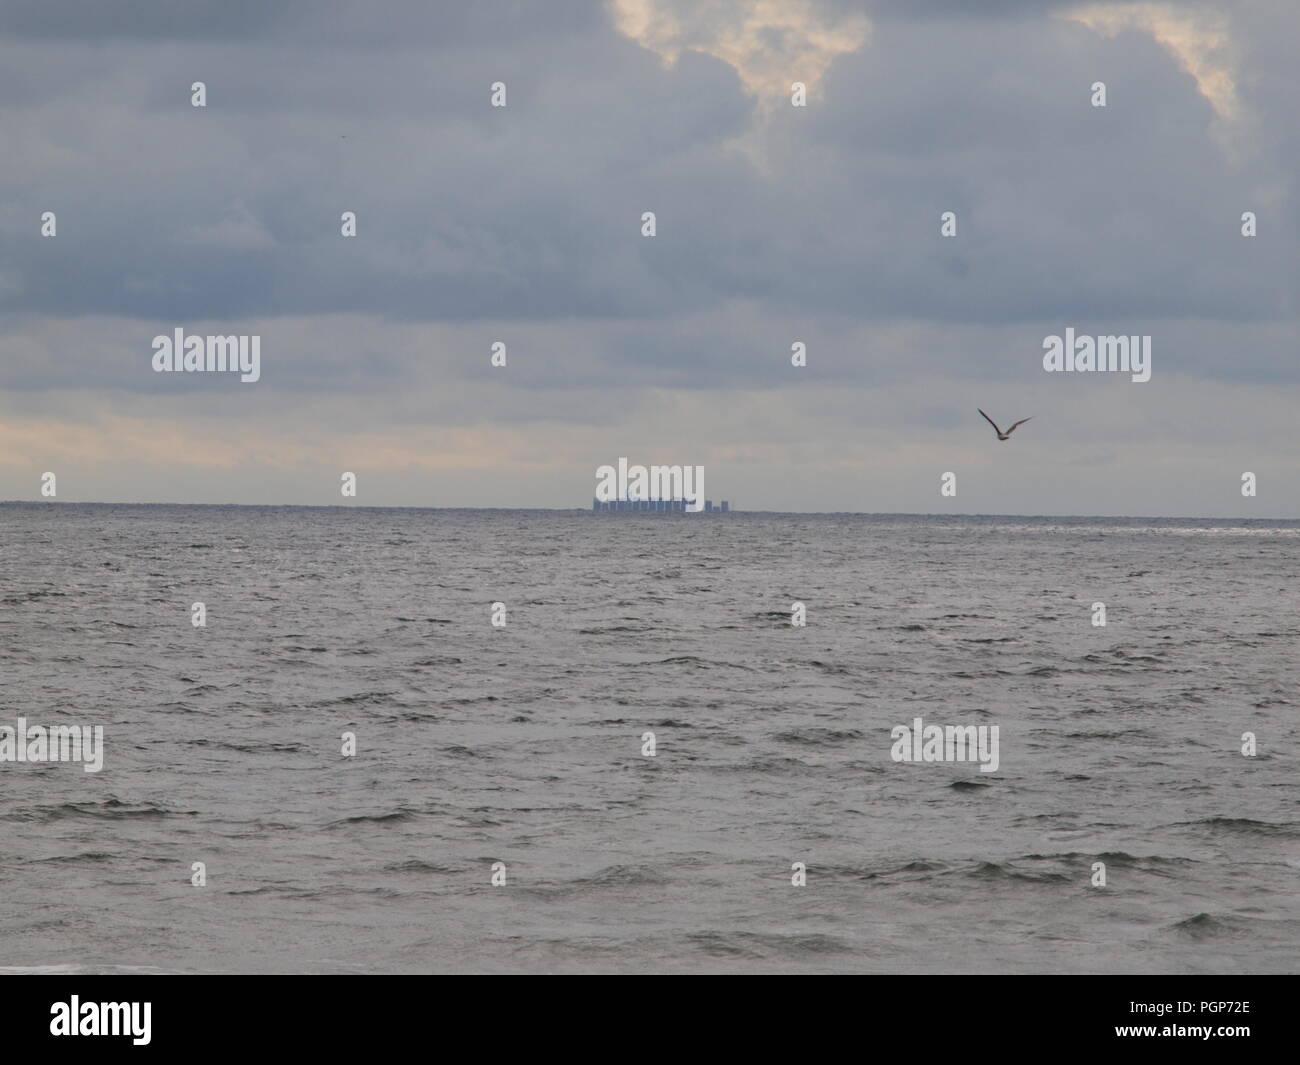 Riesige Containerschiff vanishing über den Horizont in Richtung Punkte unbekannt mit es Cargo. Aus dem NJ Küste in der Nähe von Toms River befindet, NJ. Stockbild